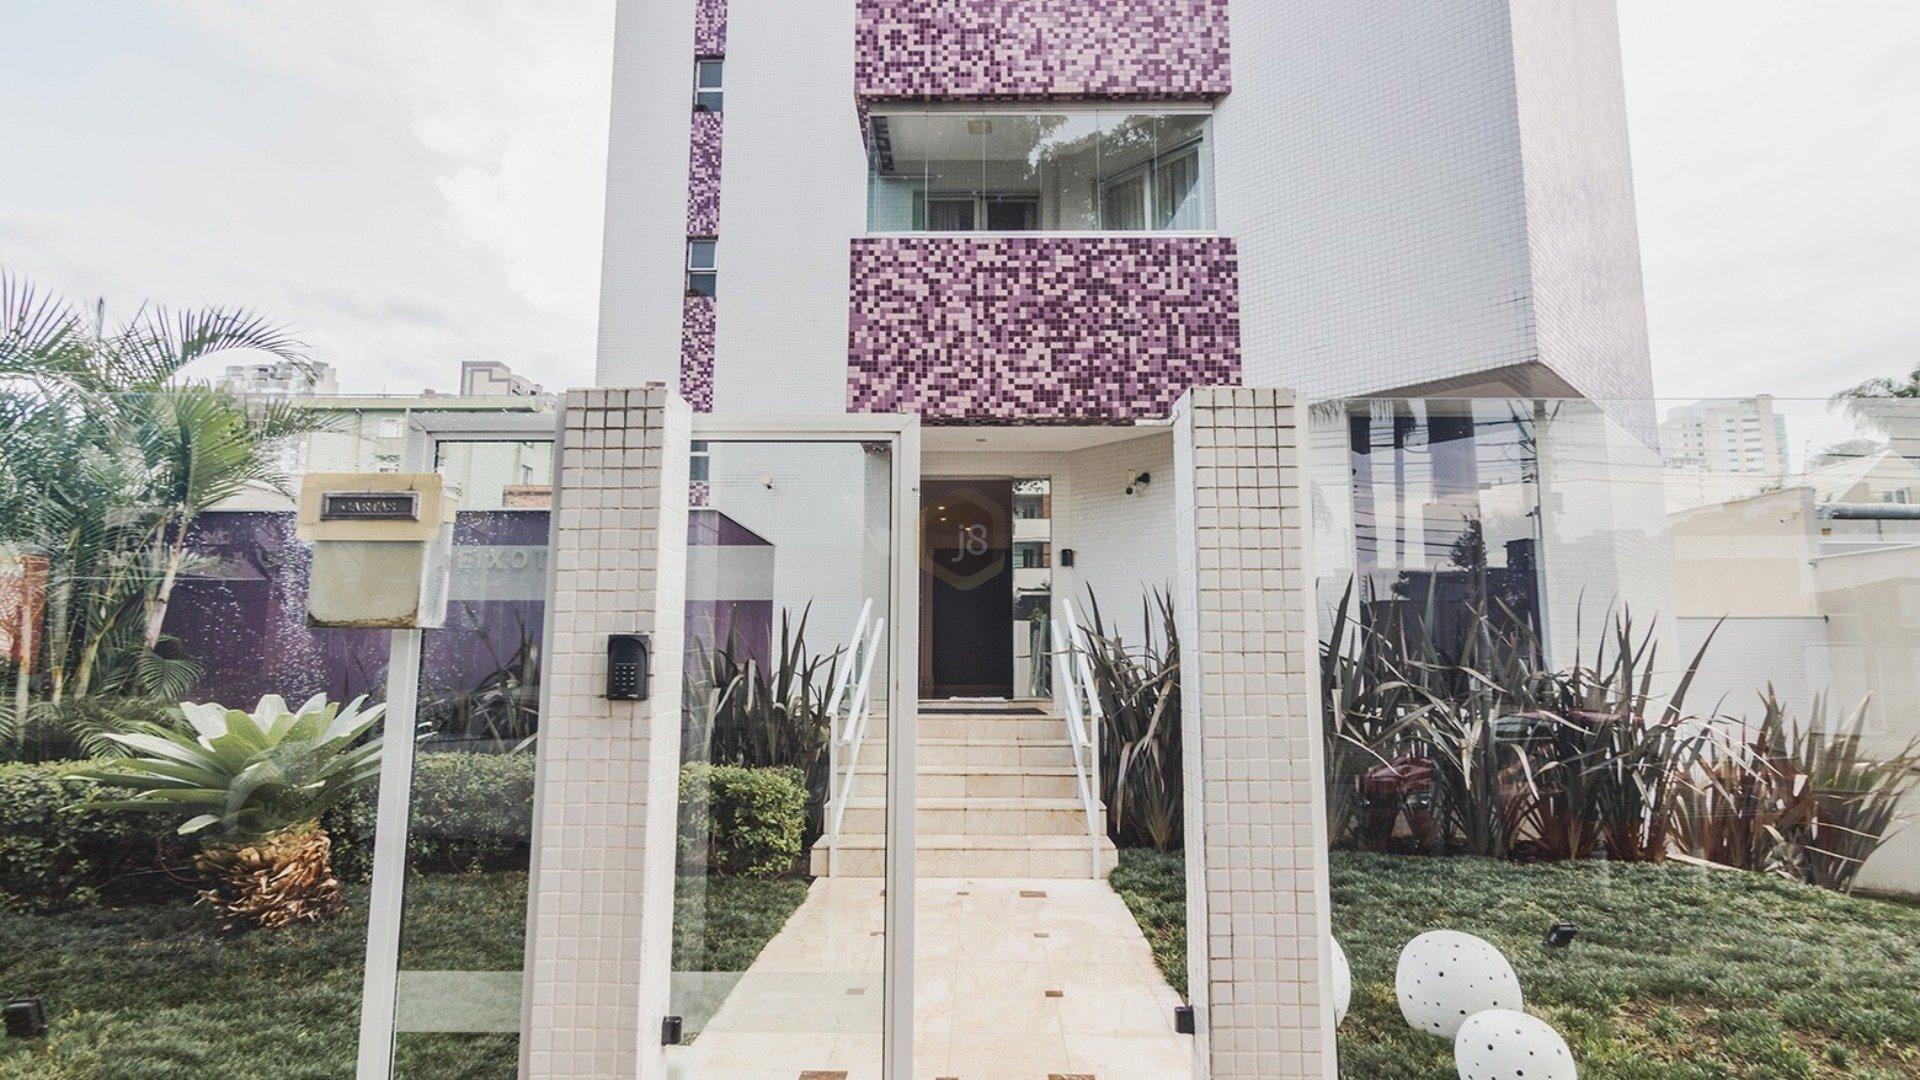 Foto de destaque Apartamento próximo clube curitibano